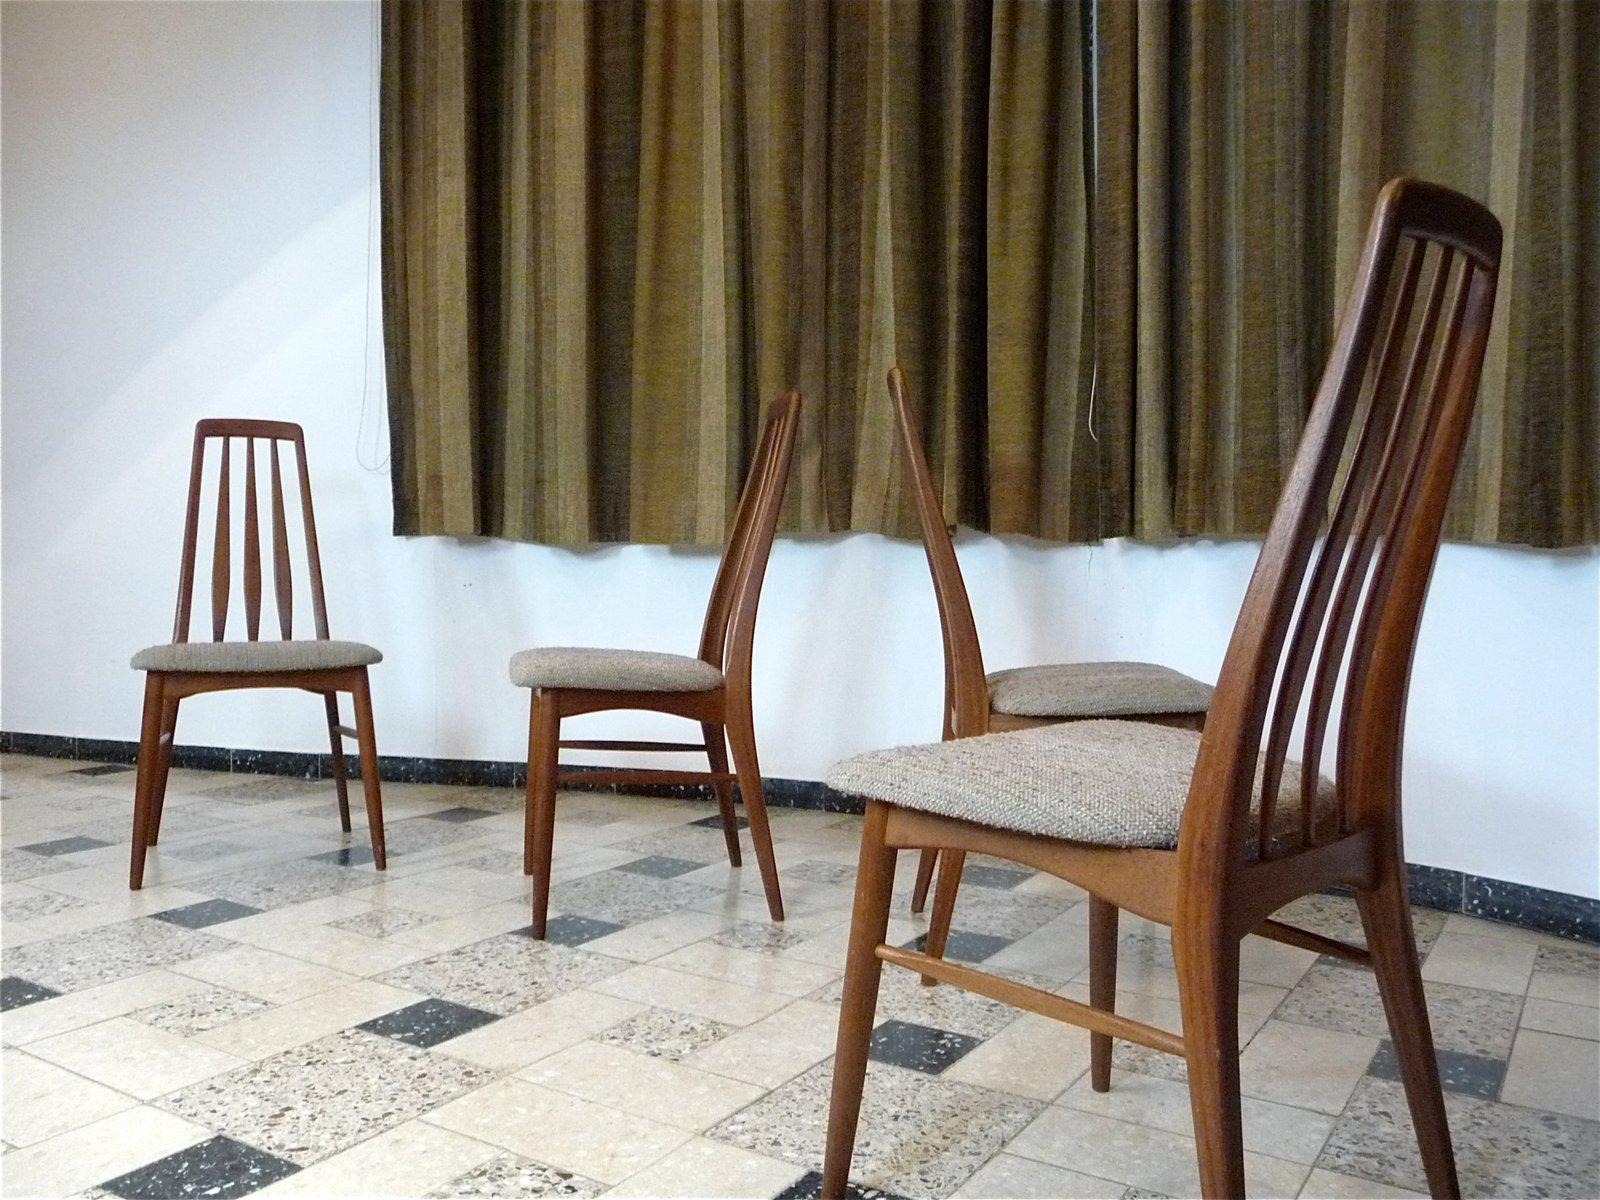 Eva Teak Dining Chairs by Niels Koefoed for Koefoed M¸belfabrik